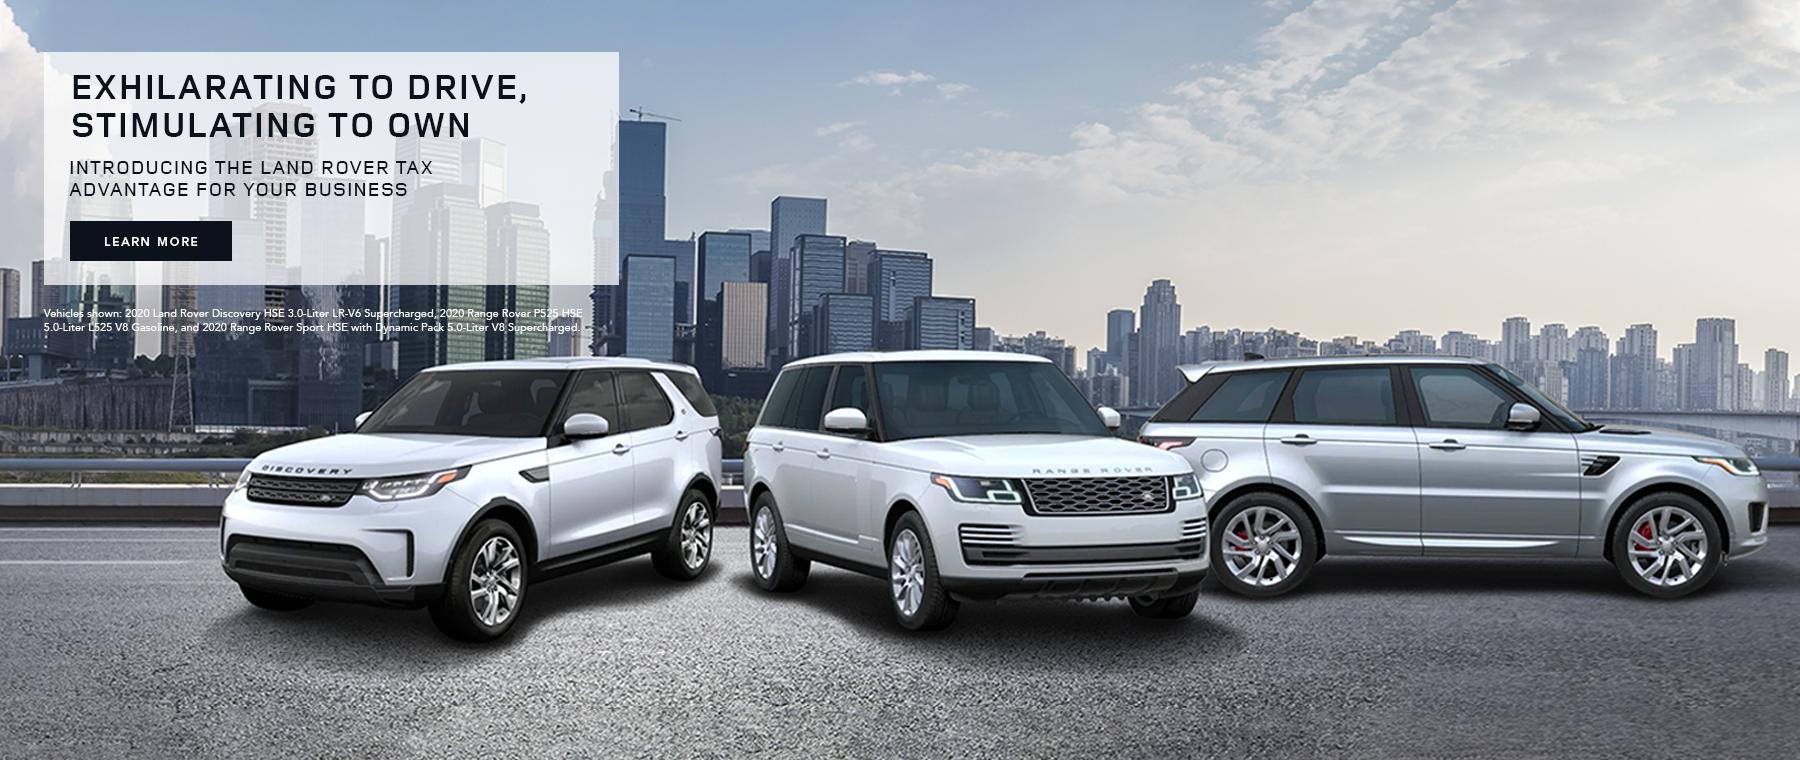 Land Rover Tax Advantage Campaign